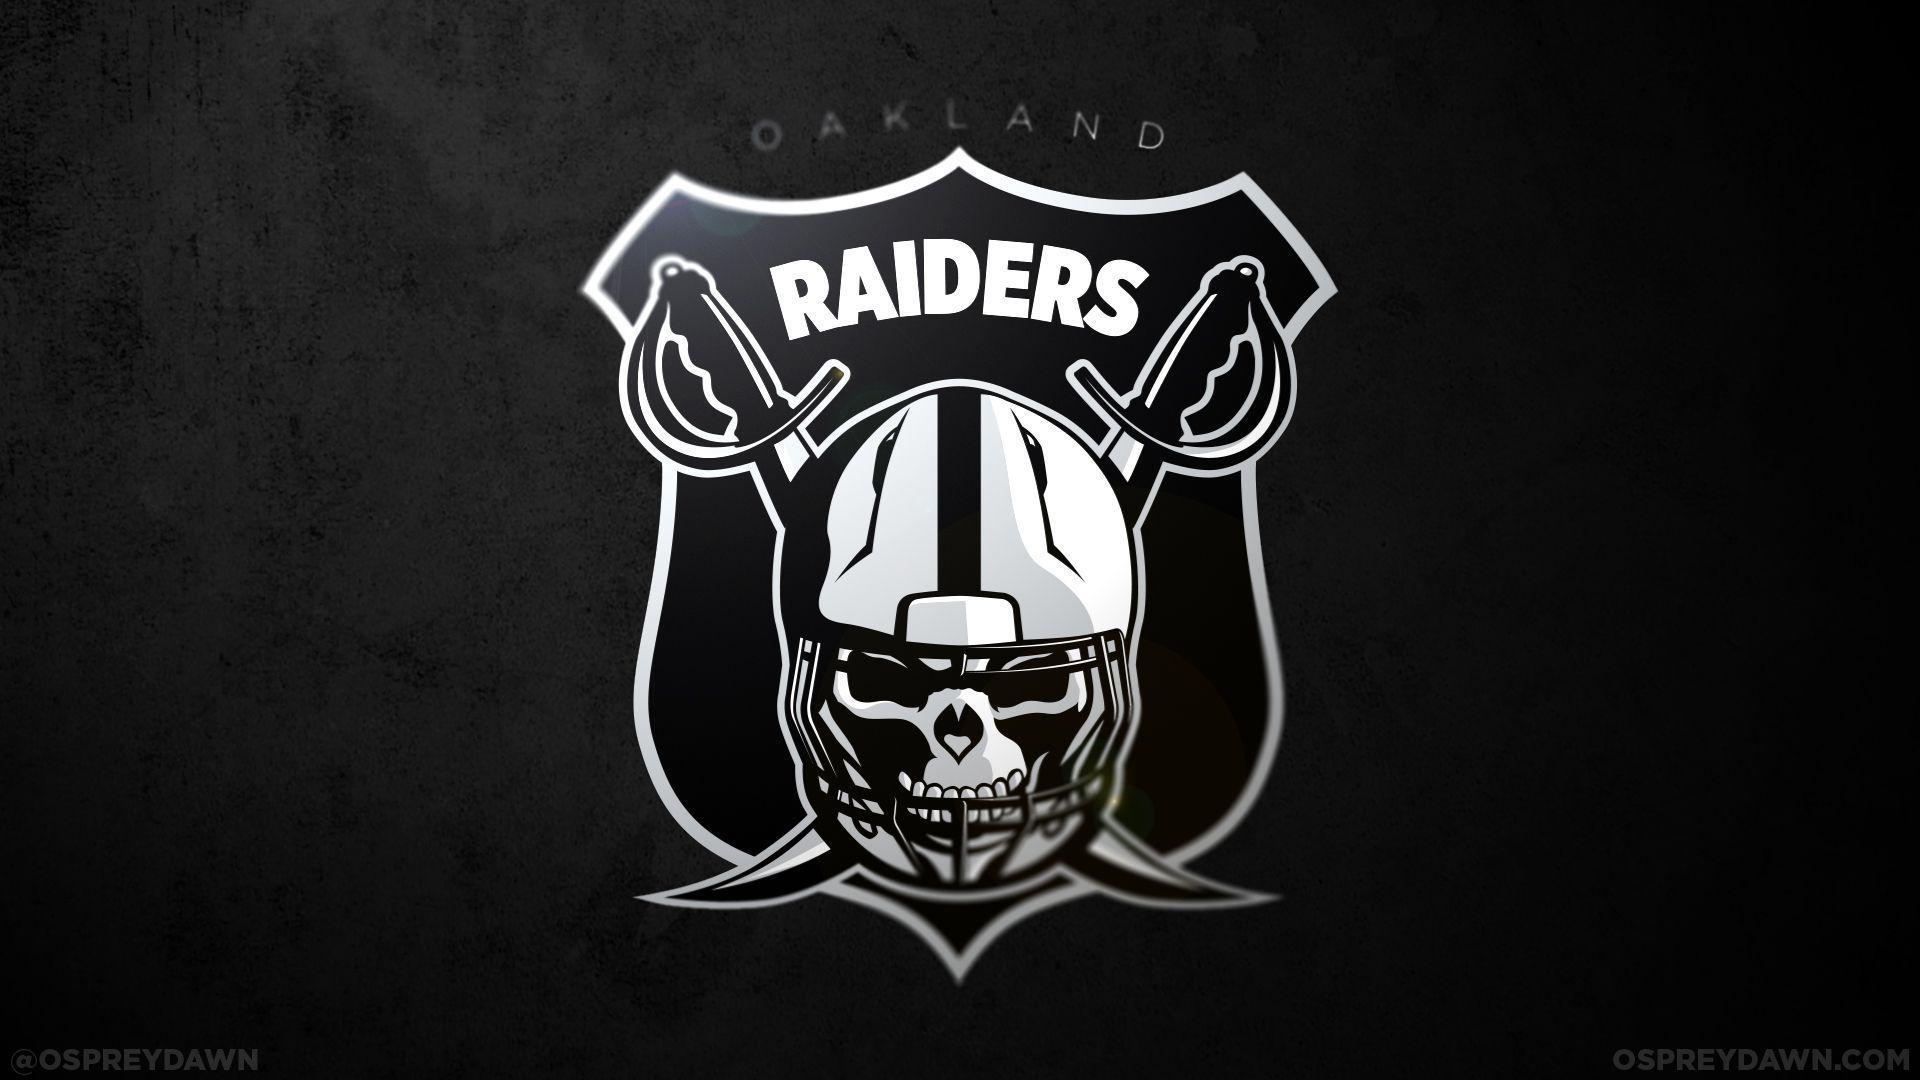 Res: 1920x1080, Oakland Raiders wallpaper |  | #73397